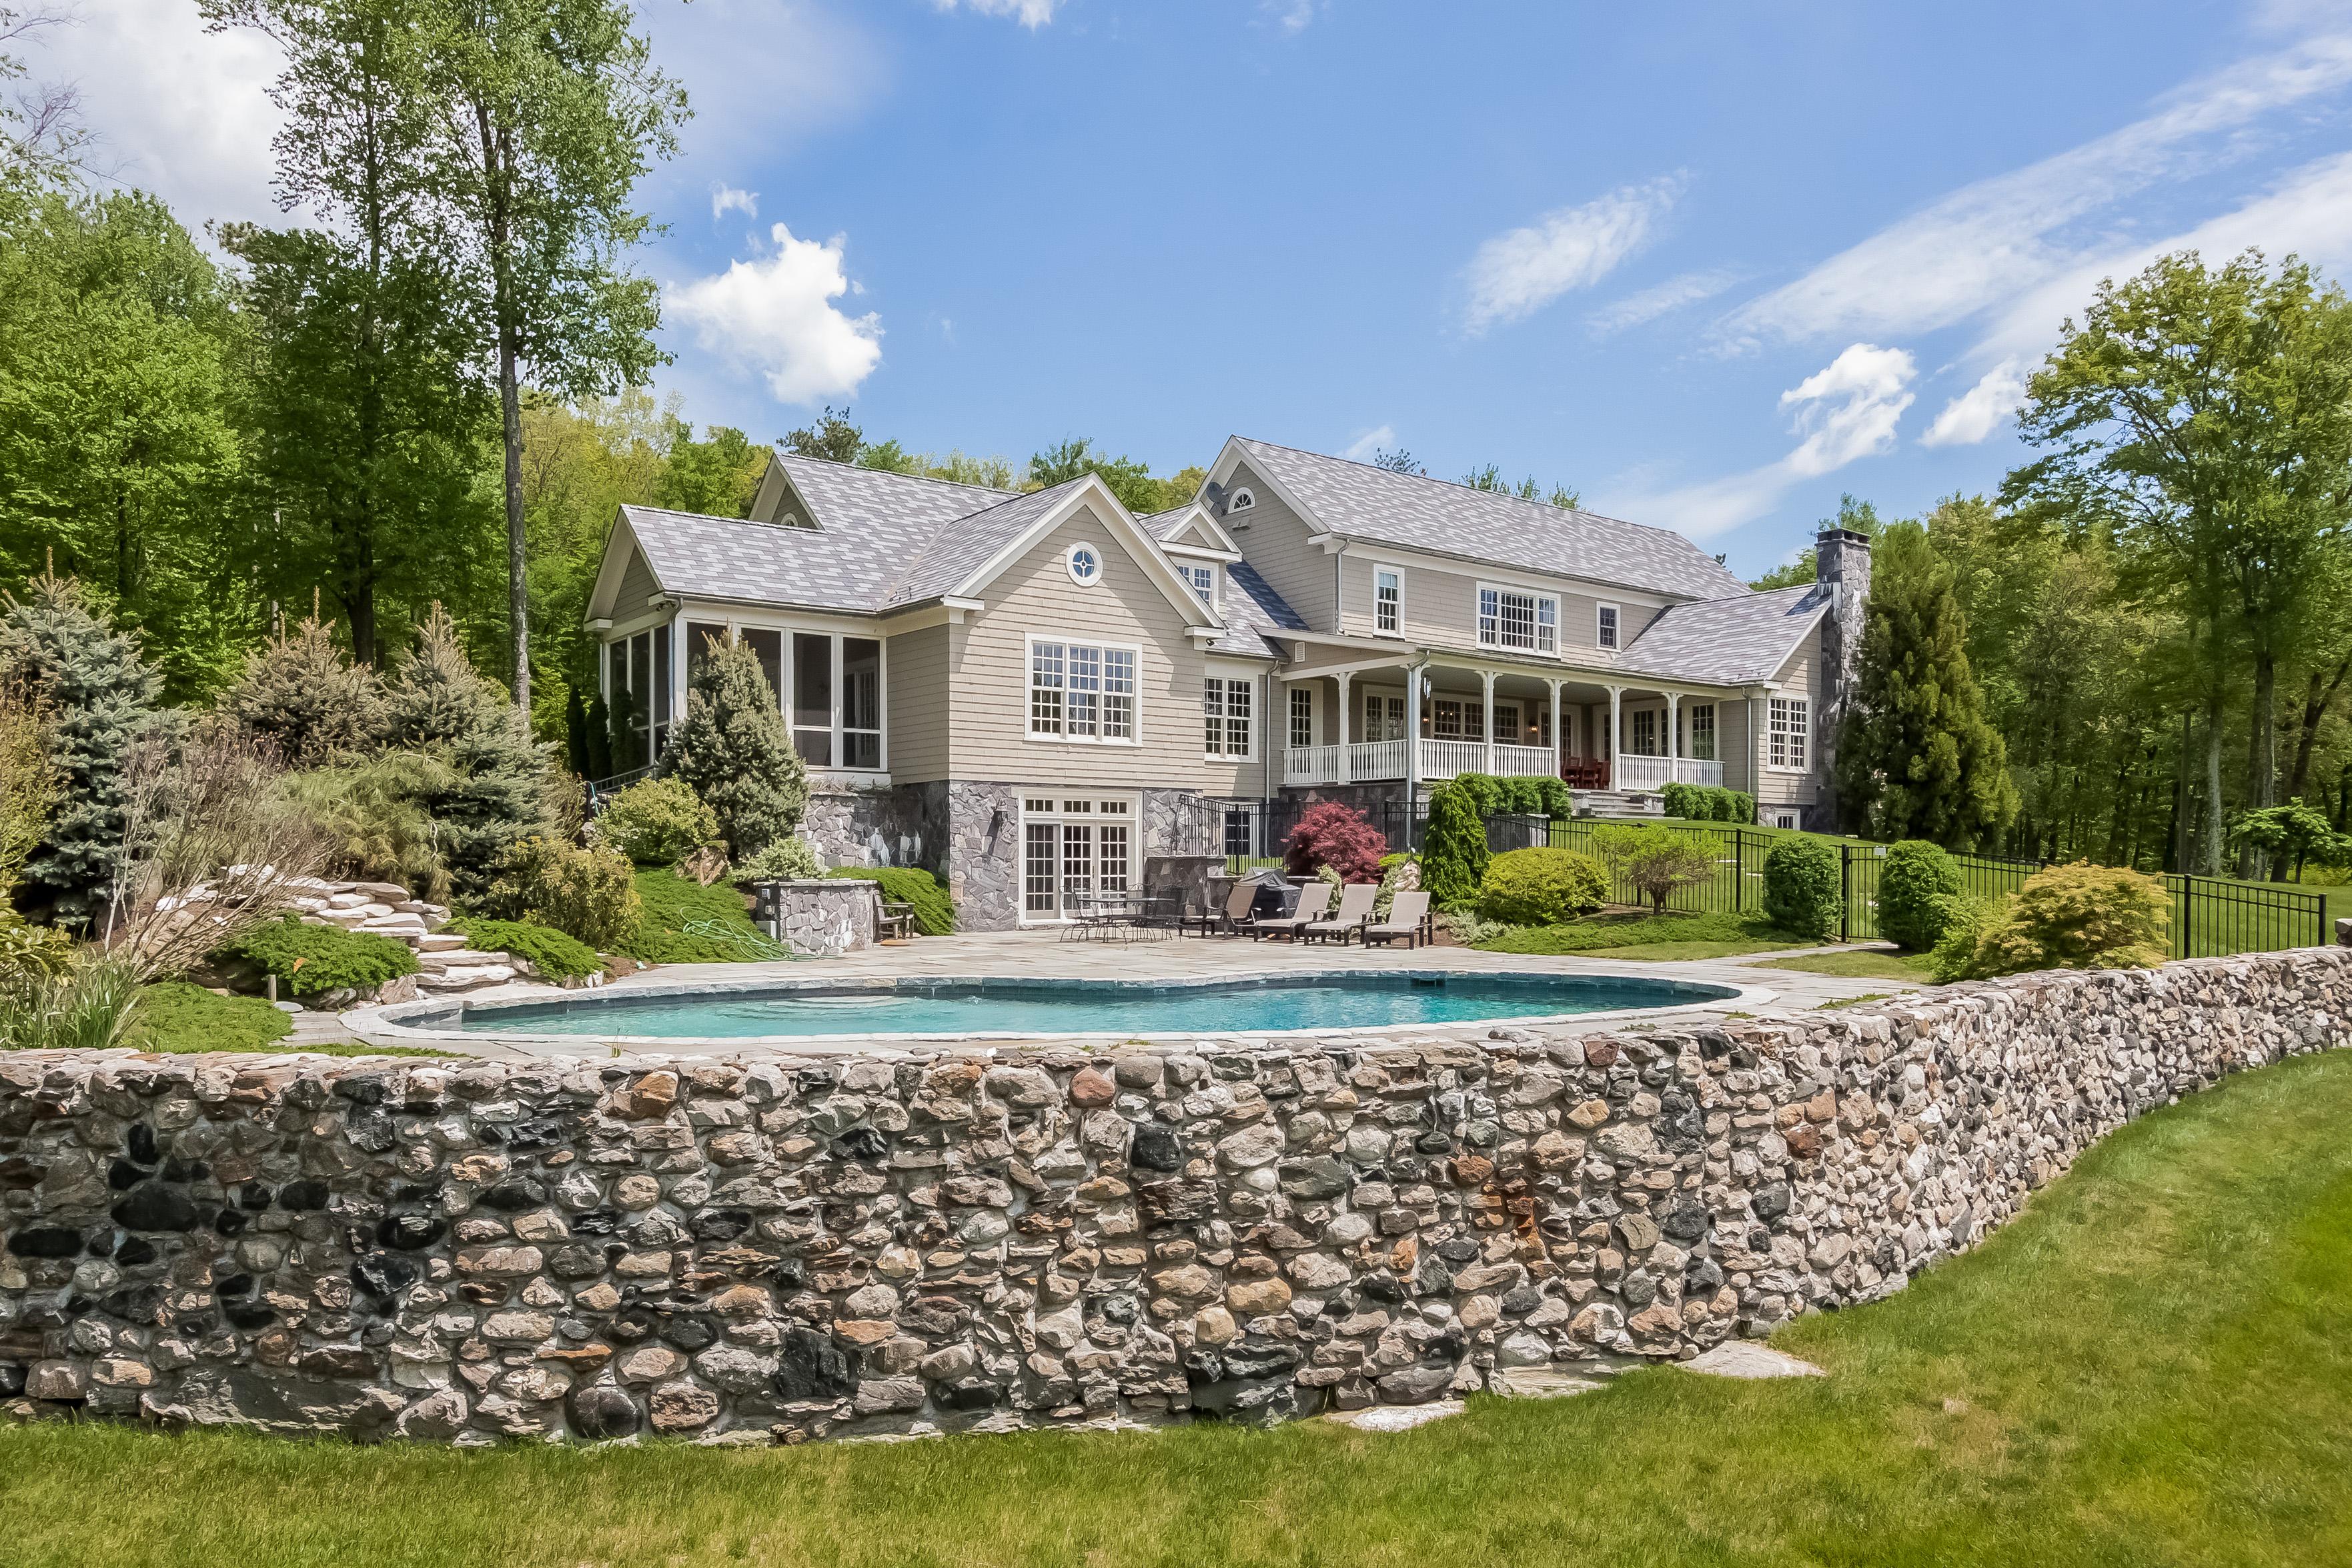 独户住宅 为 销售 在 Bella Vista 24 Ranney Hill Rd 罗克斯伯里, 康涅狄格州, 06783 美国